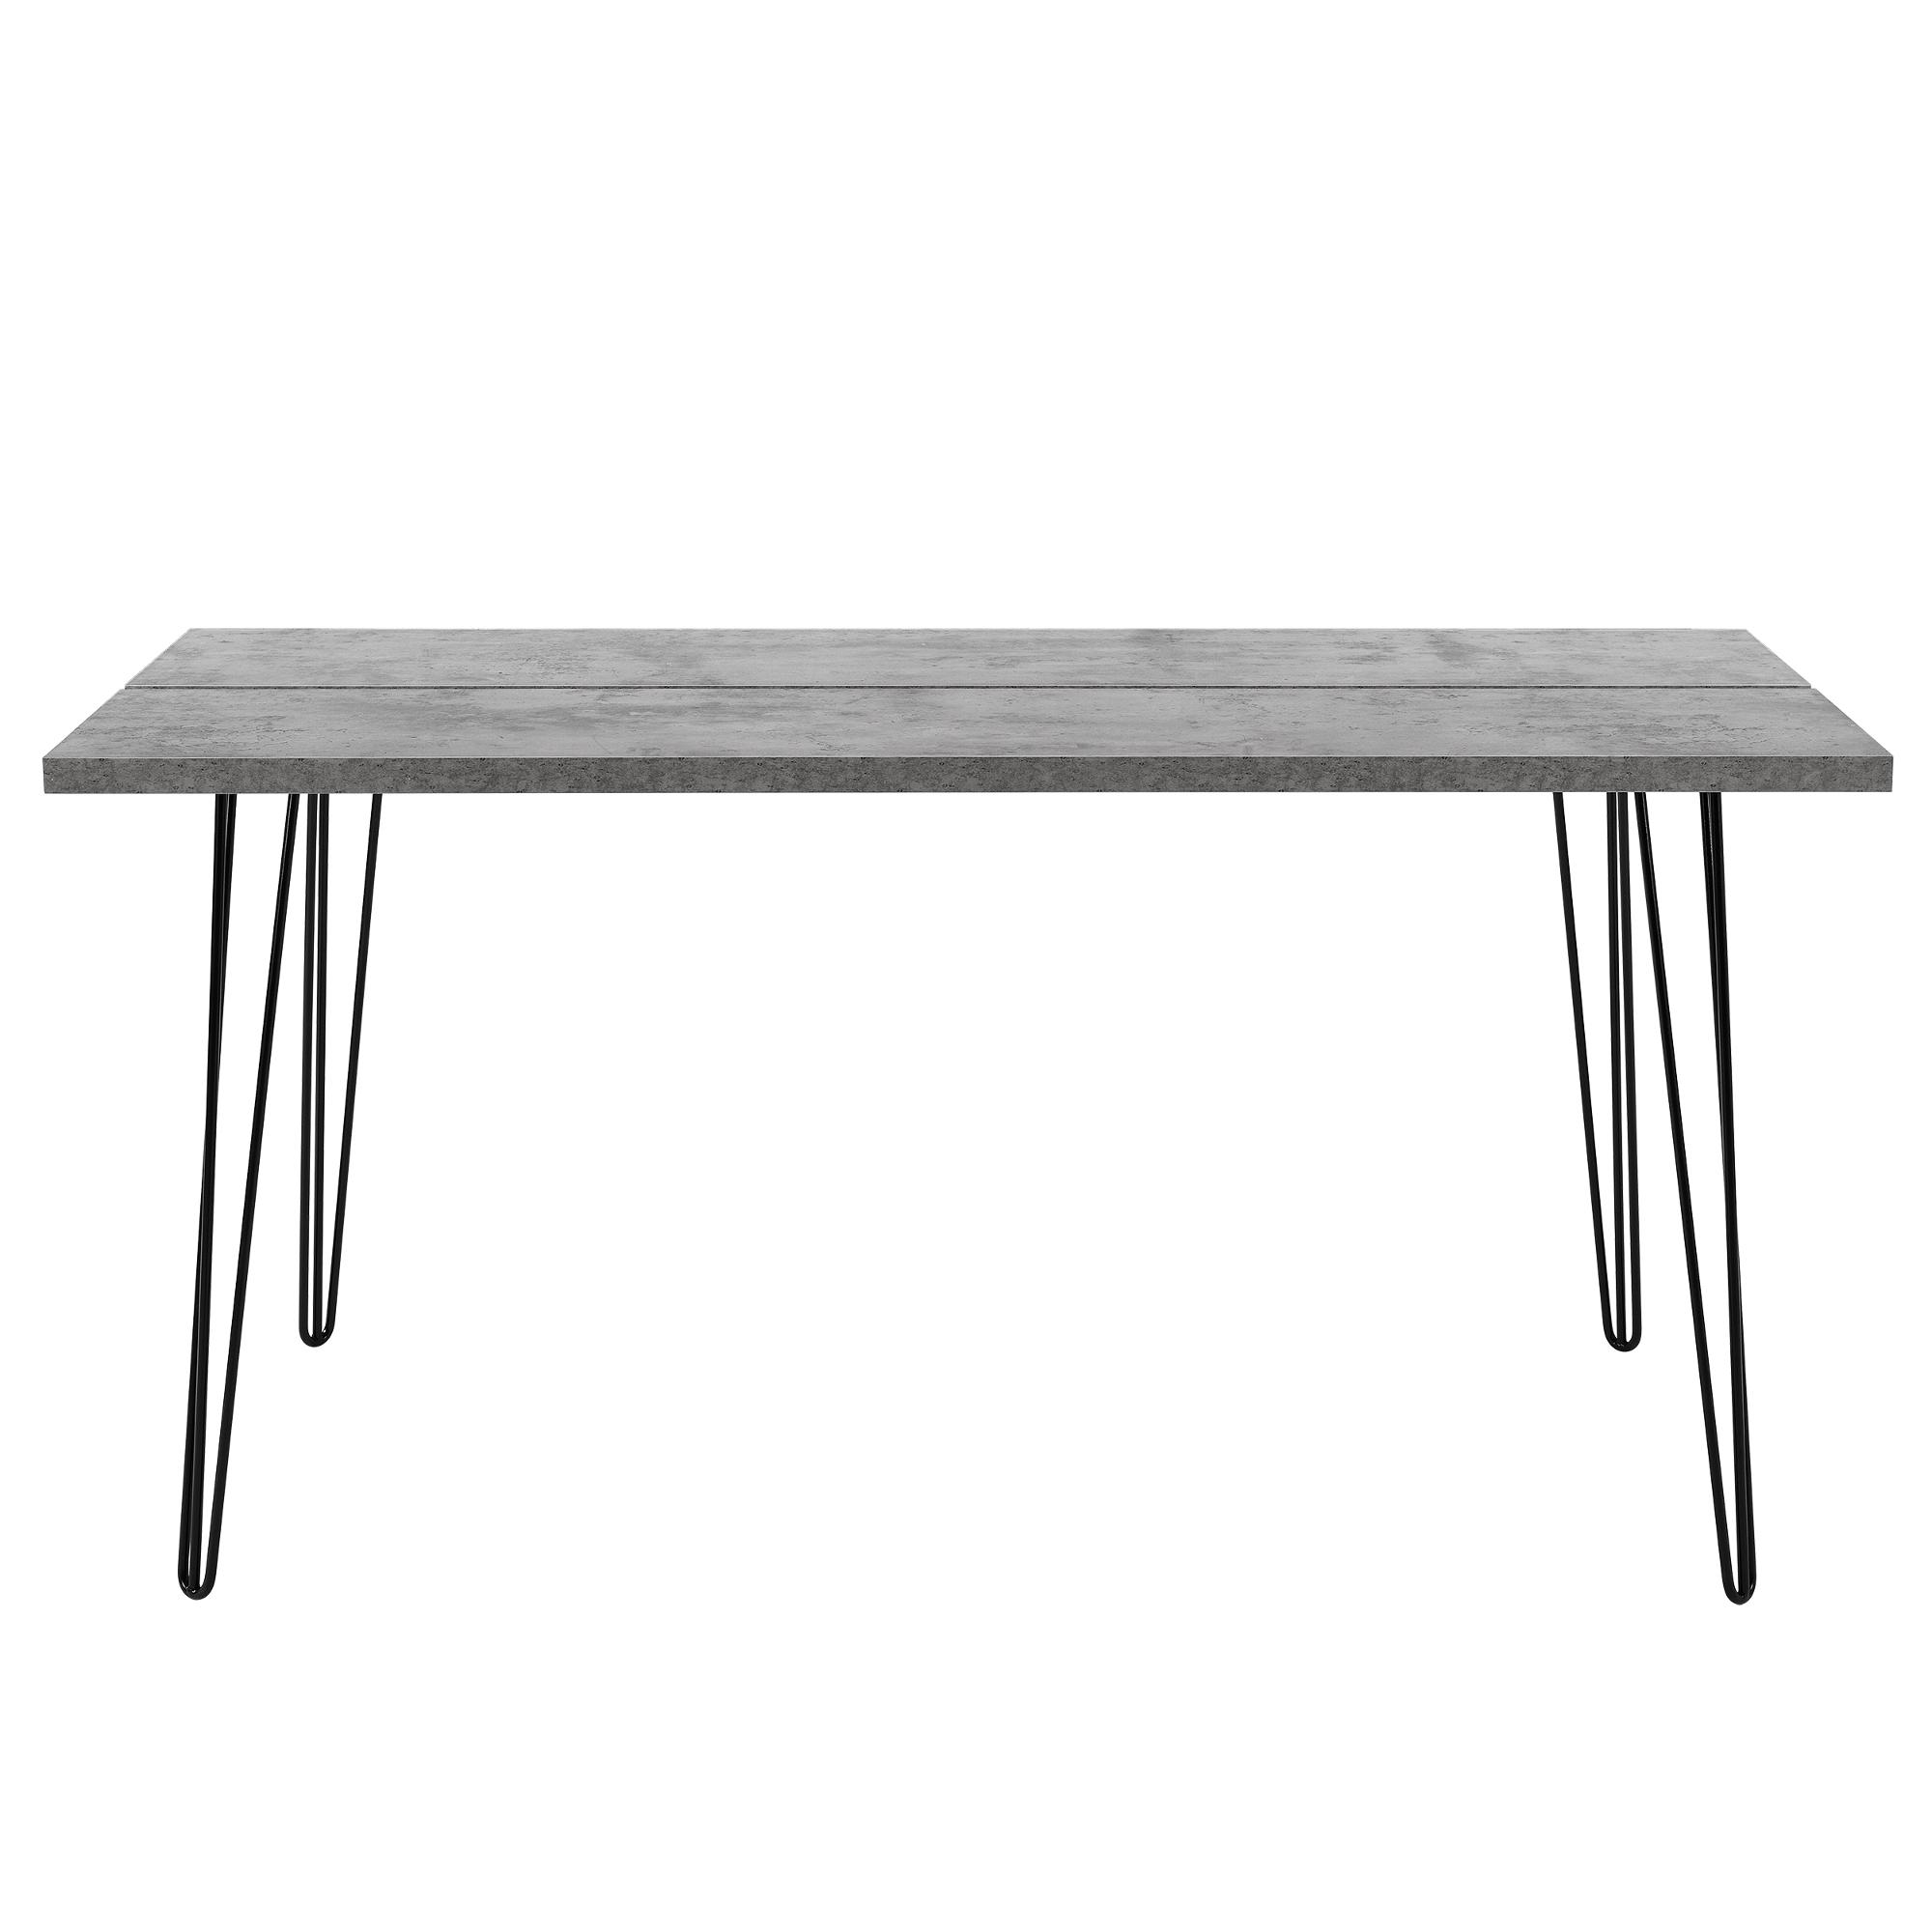 esstisch 160x75cm k chentisch esszimmer tisch hairpin legs beton optik 4059438998959. Black Bedroom Furniture Sets. Home Design Ideas